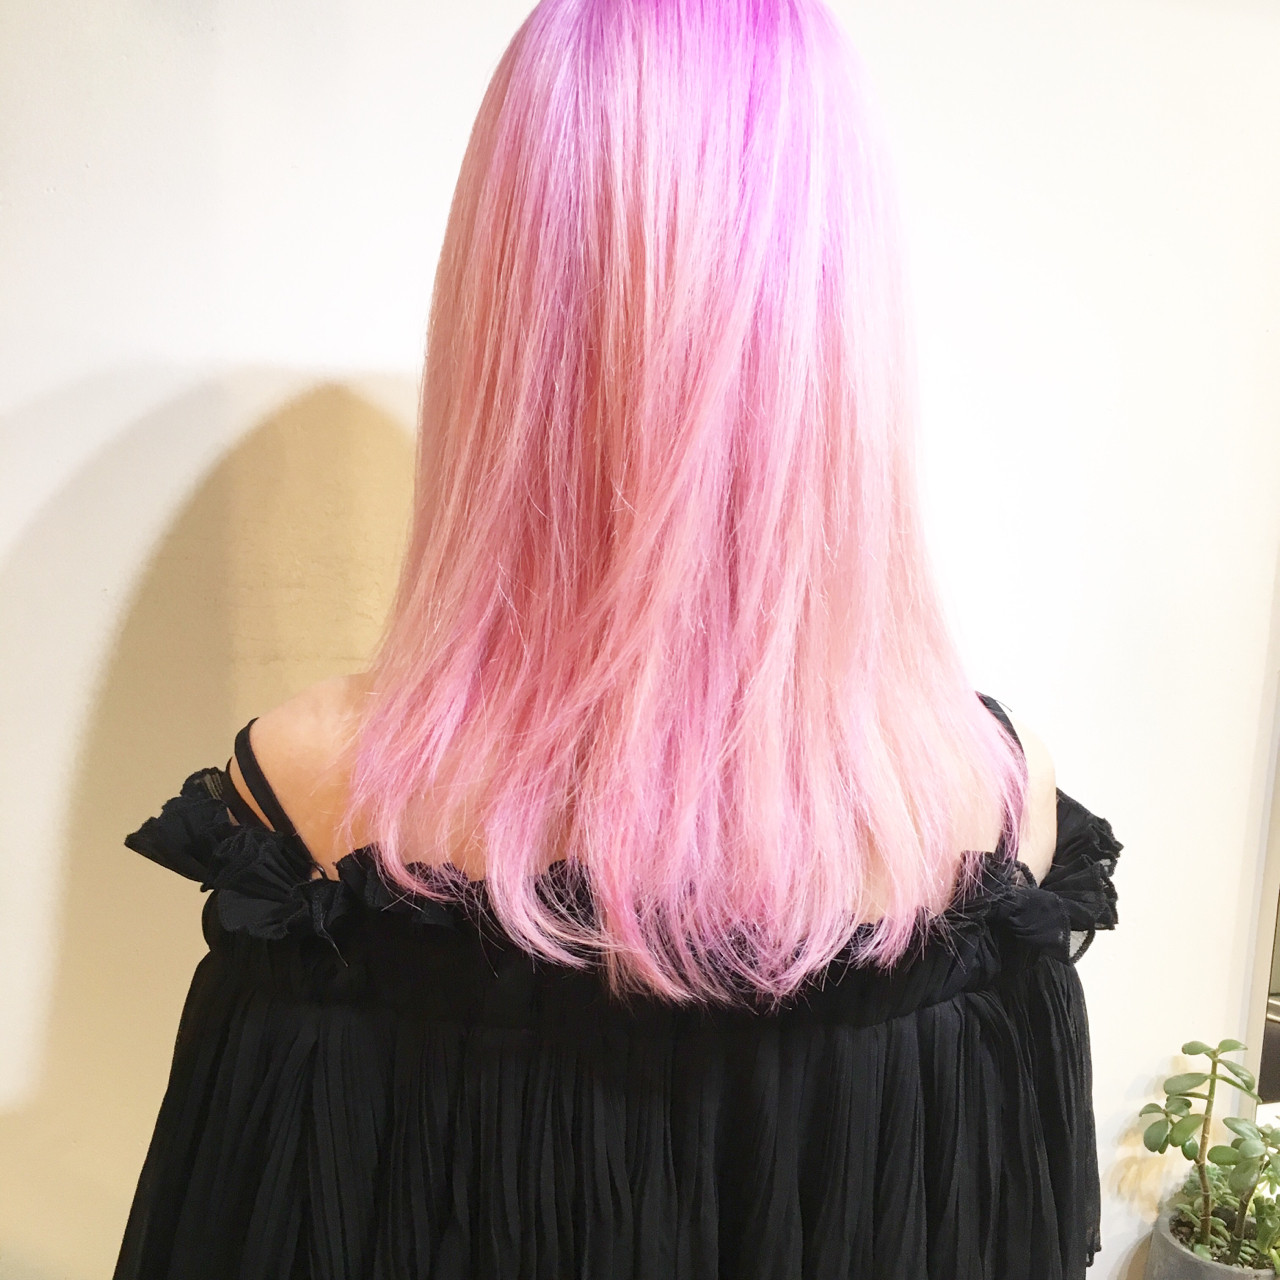 ぶれないオシャレを楽しみたい!ハイセンスな派手髪カタログ。 タイチ / COM PASS